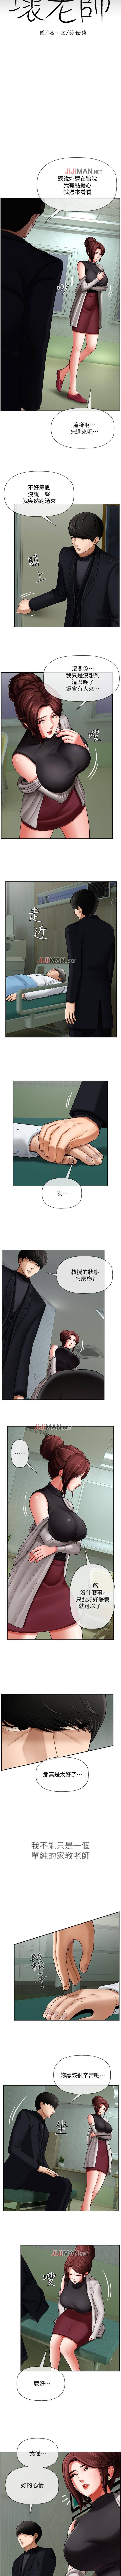 【已休刊】坏老师(作者:朴世談&福) 第1~31话 18